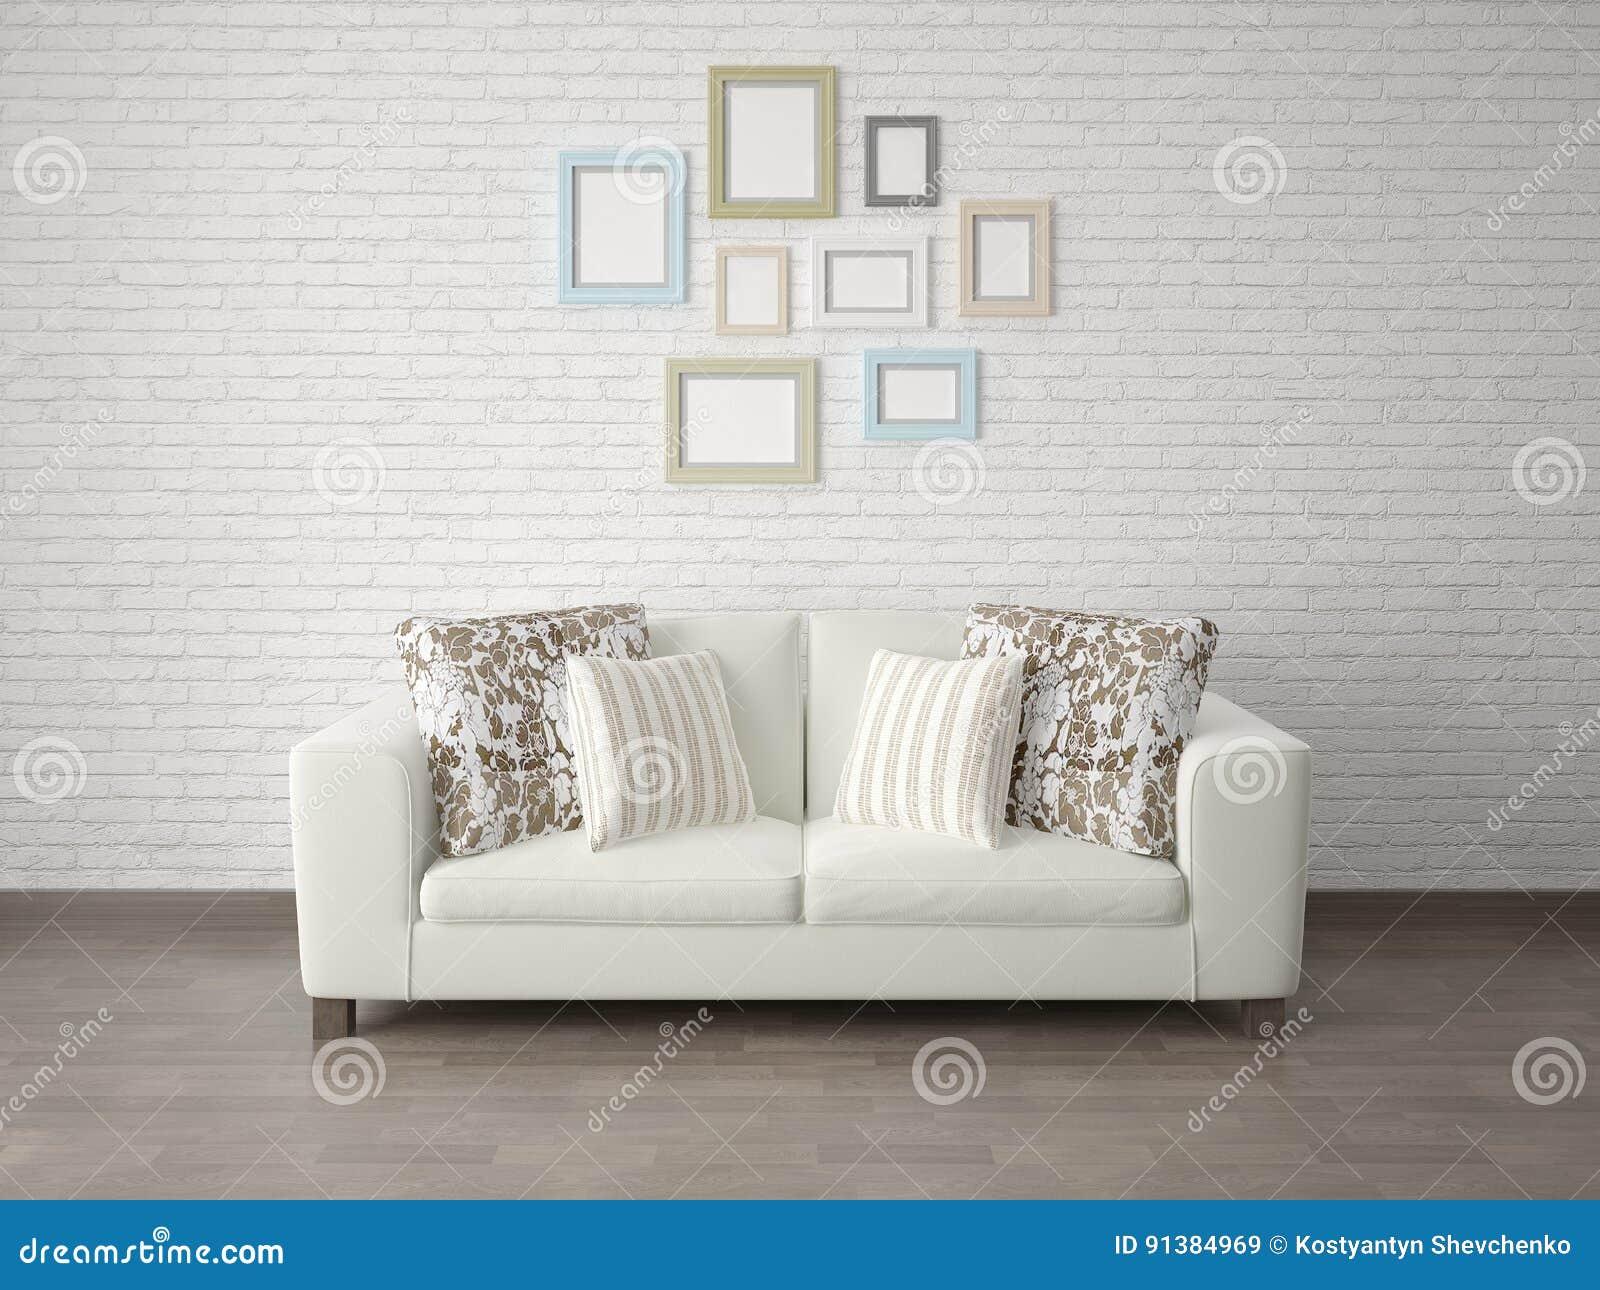 Koraalkleur De Woonkamer : Spot omhoog de woonkamer met een compacte bank stock illustratie